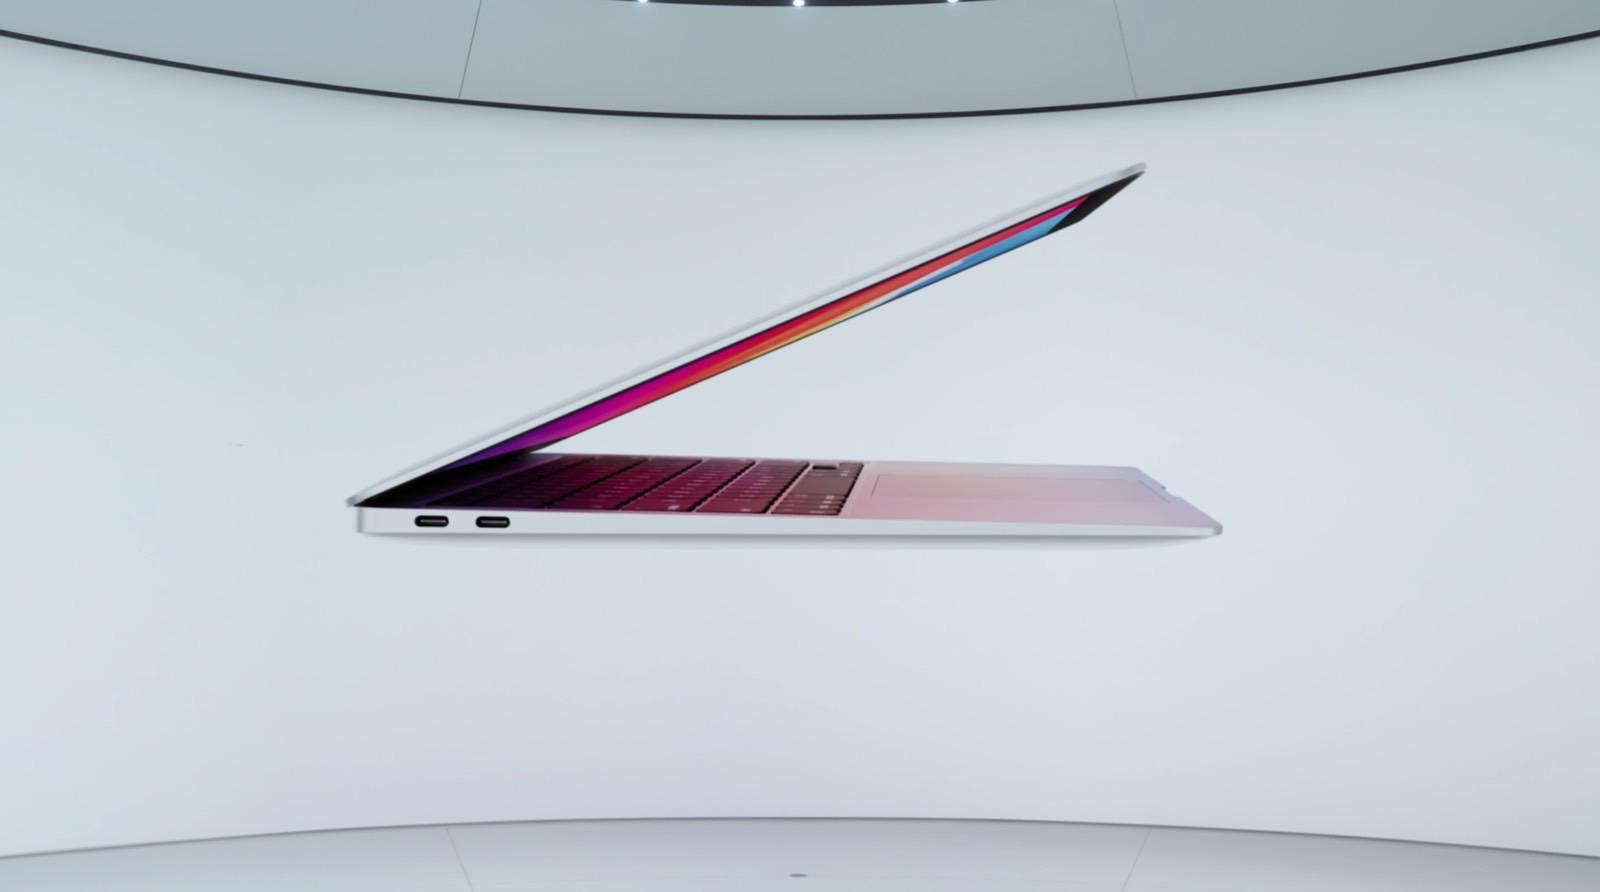 MacBook Air yang didesain ulang mungkin juga hadir dengan takik